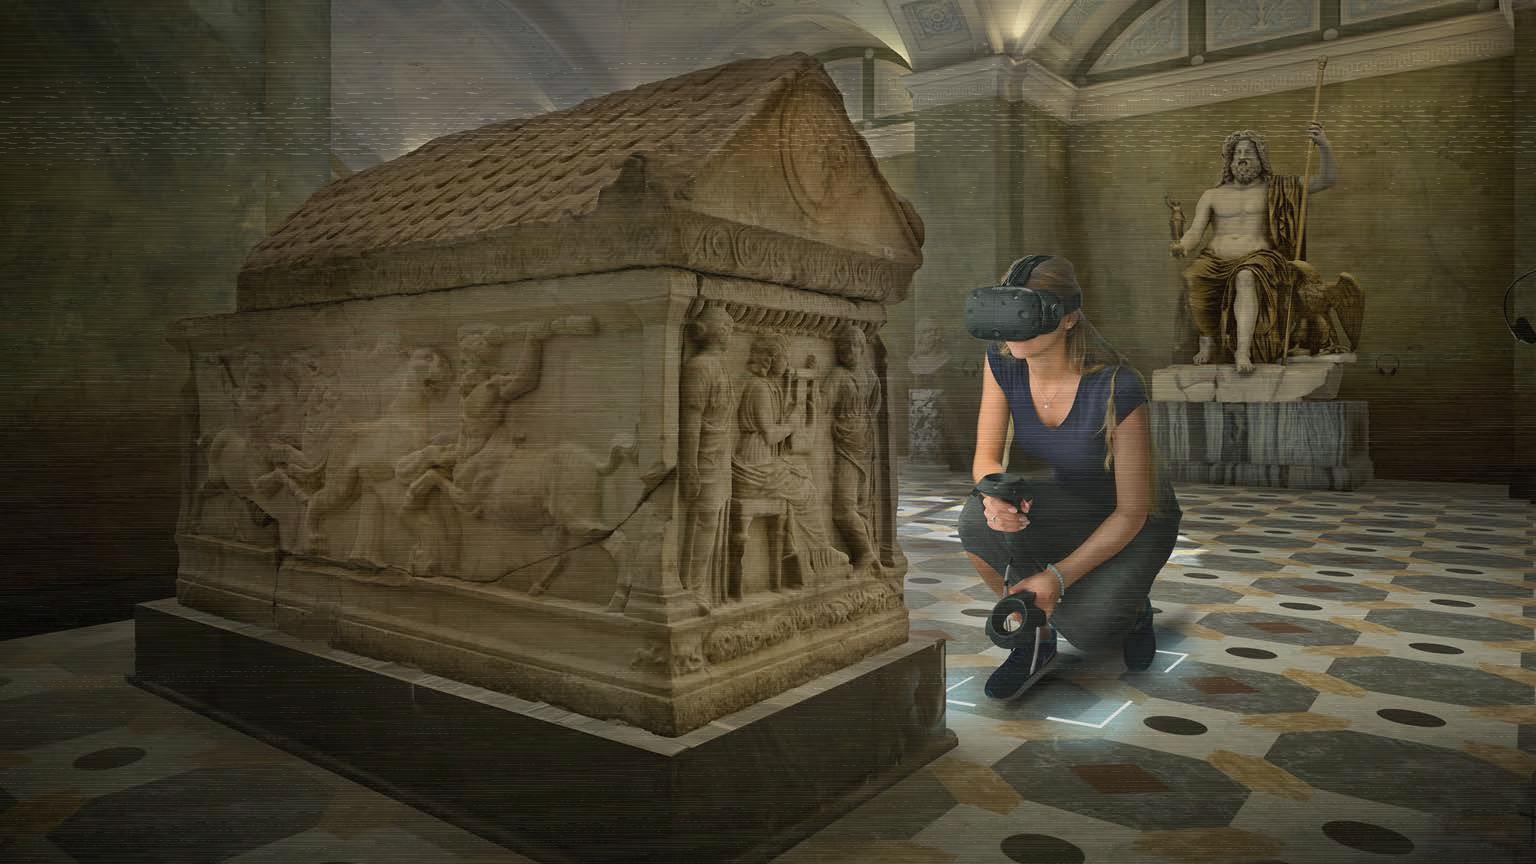 Виртуальный зал Эрмитажа — первый шаг к будущему по Пелевину - 10